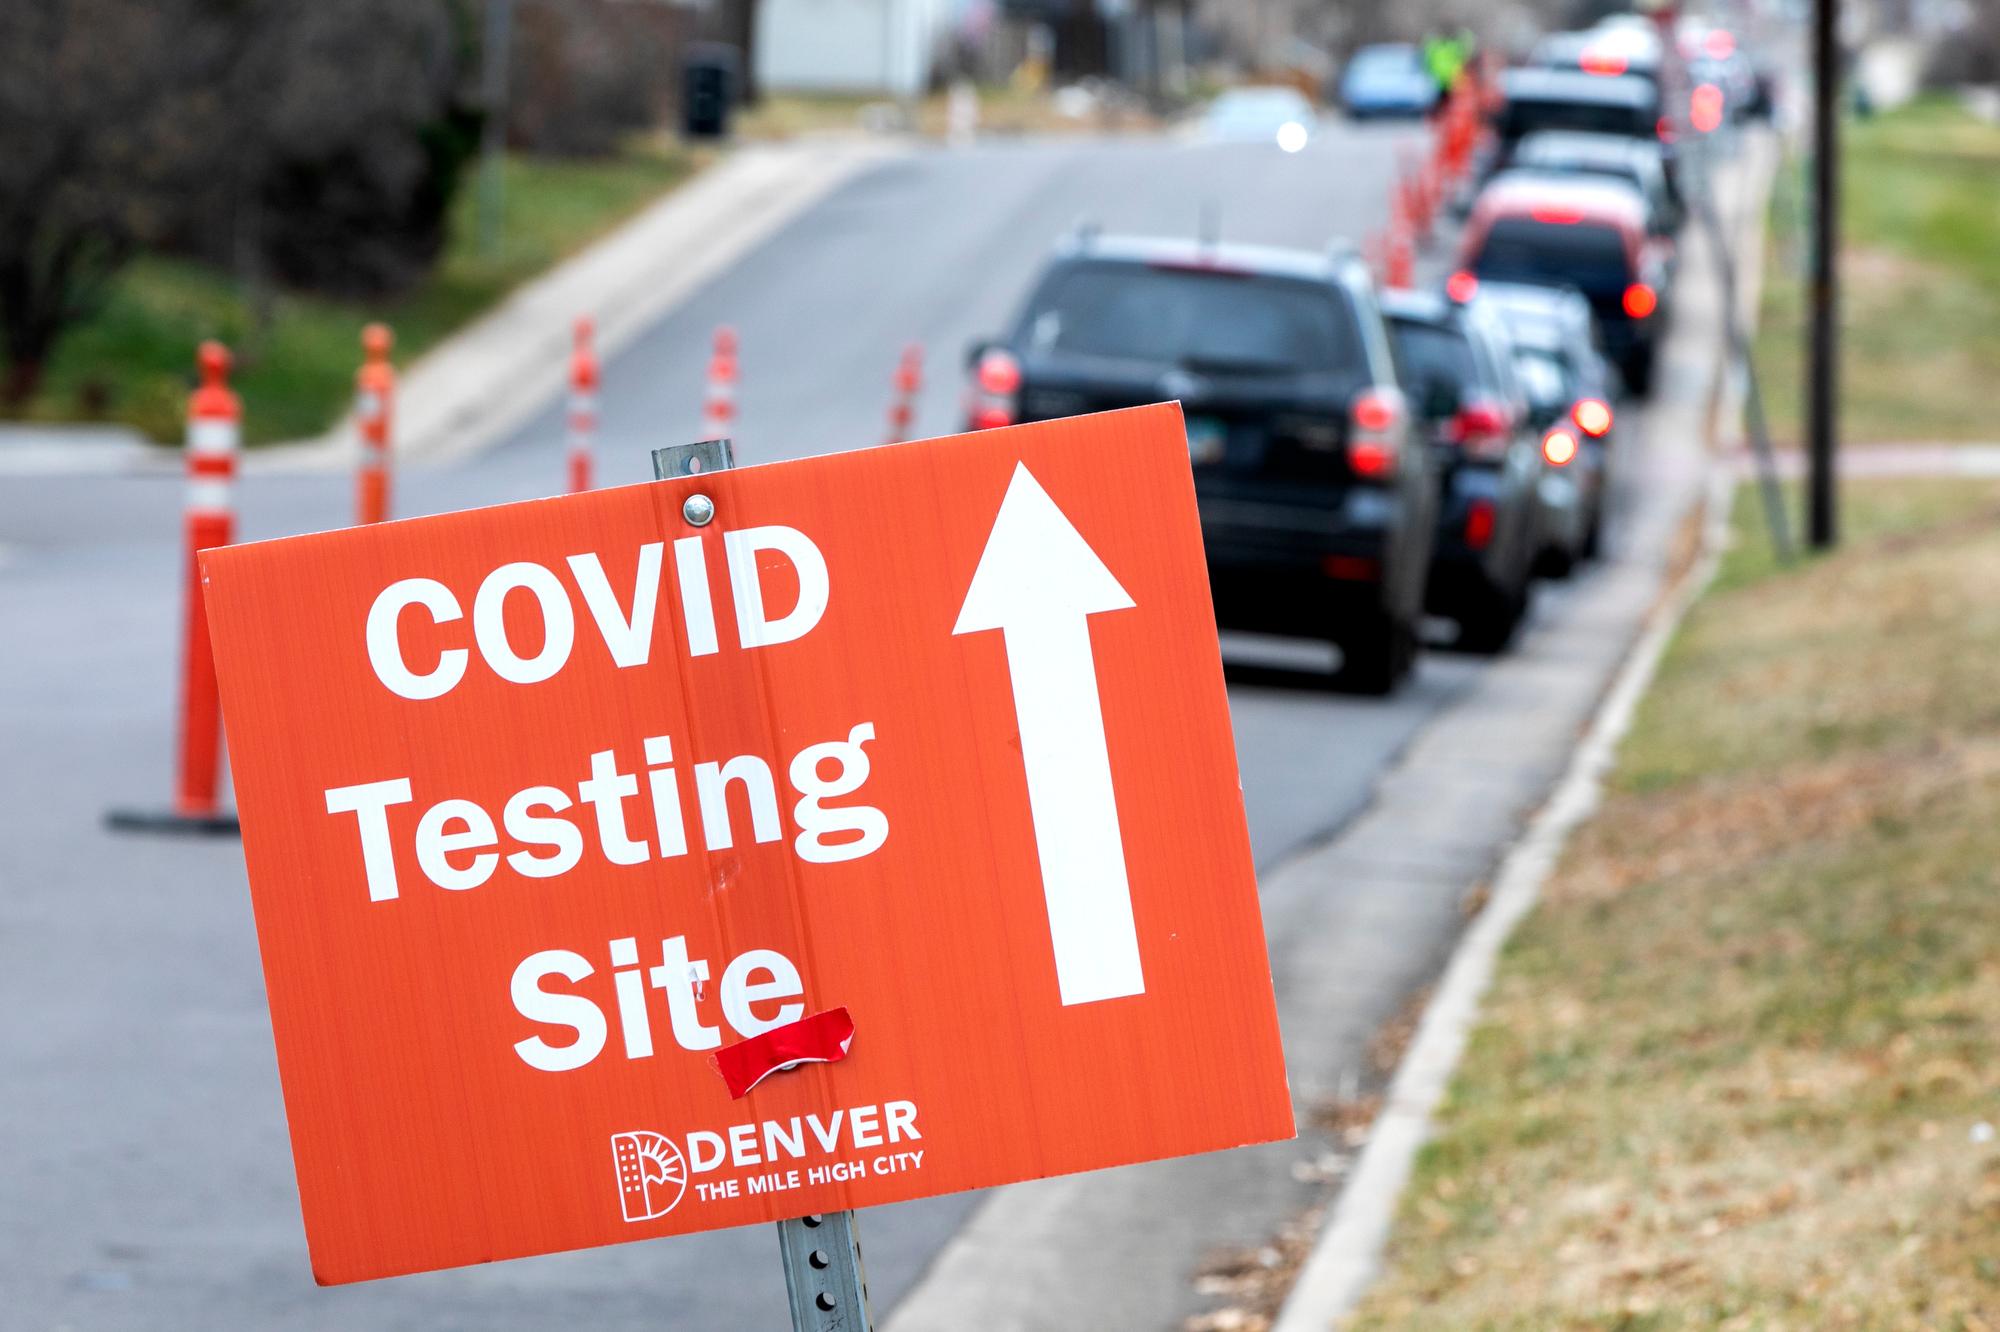 201118-COVID-TESTING-PACO-SANCHEZ-DENVER